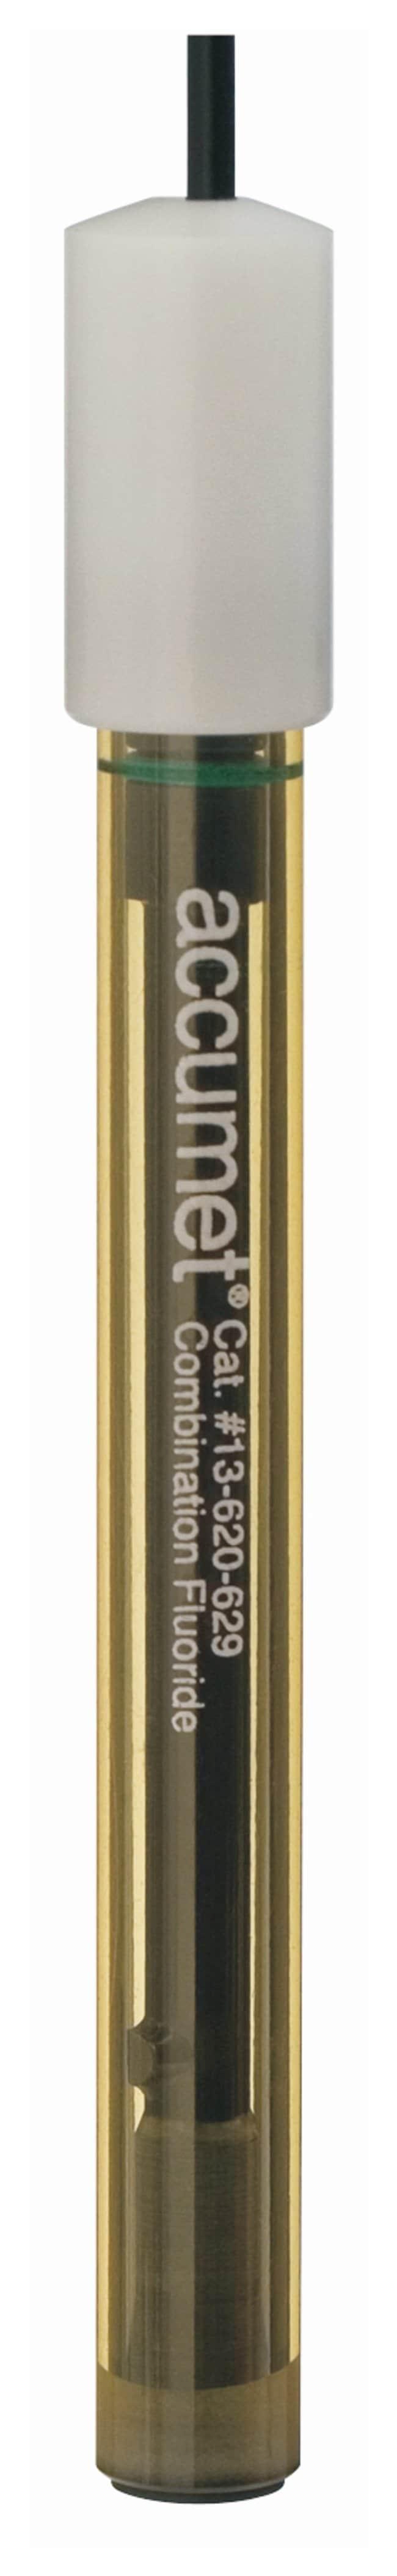 Fisherbrand™accumet™ Kombinations-ISEs für Festkörper, Quecksilber-frei Kupfer-Festphasen-Kombination ISE; BNC-Anschluss Fisherbrand™accumet™ Kombinations-ISEs für Festkörper, Quecksilber-frei